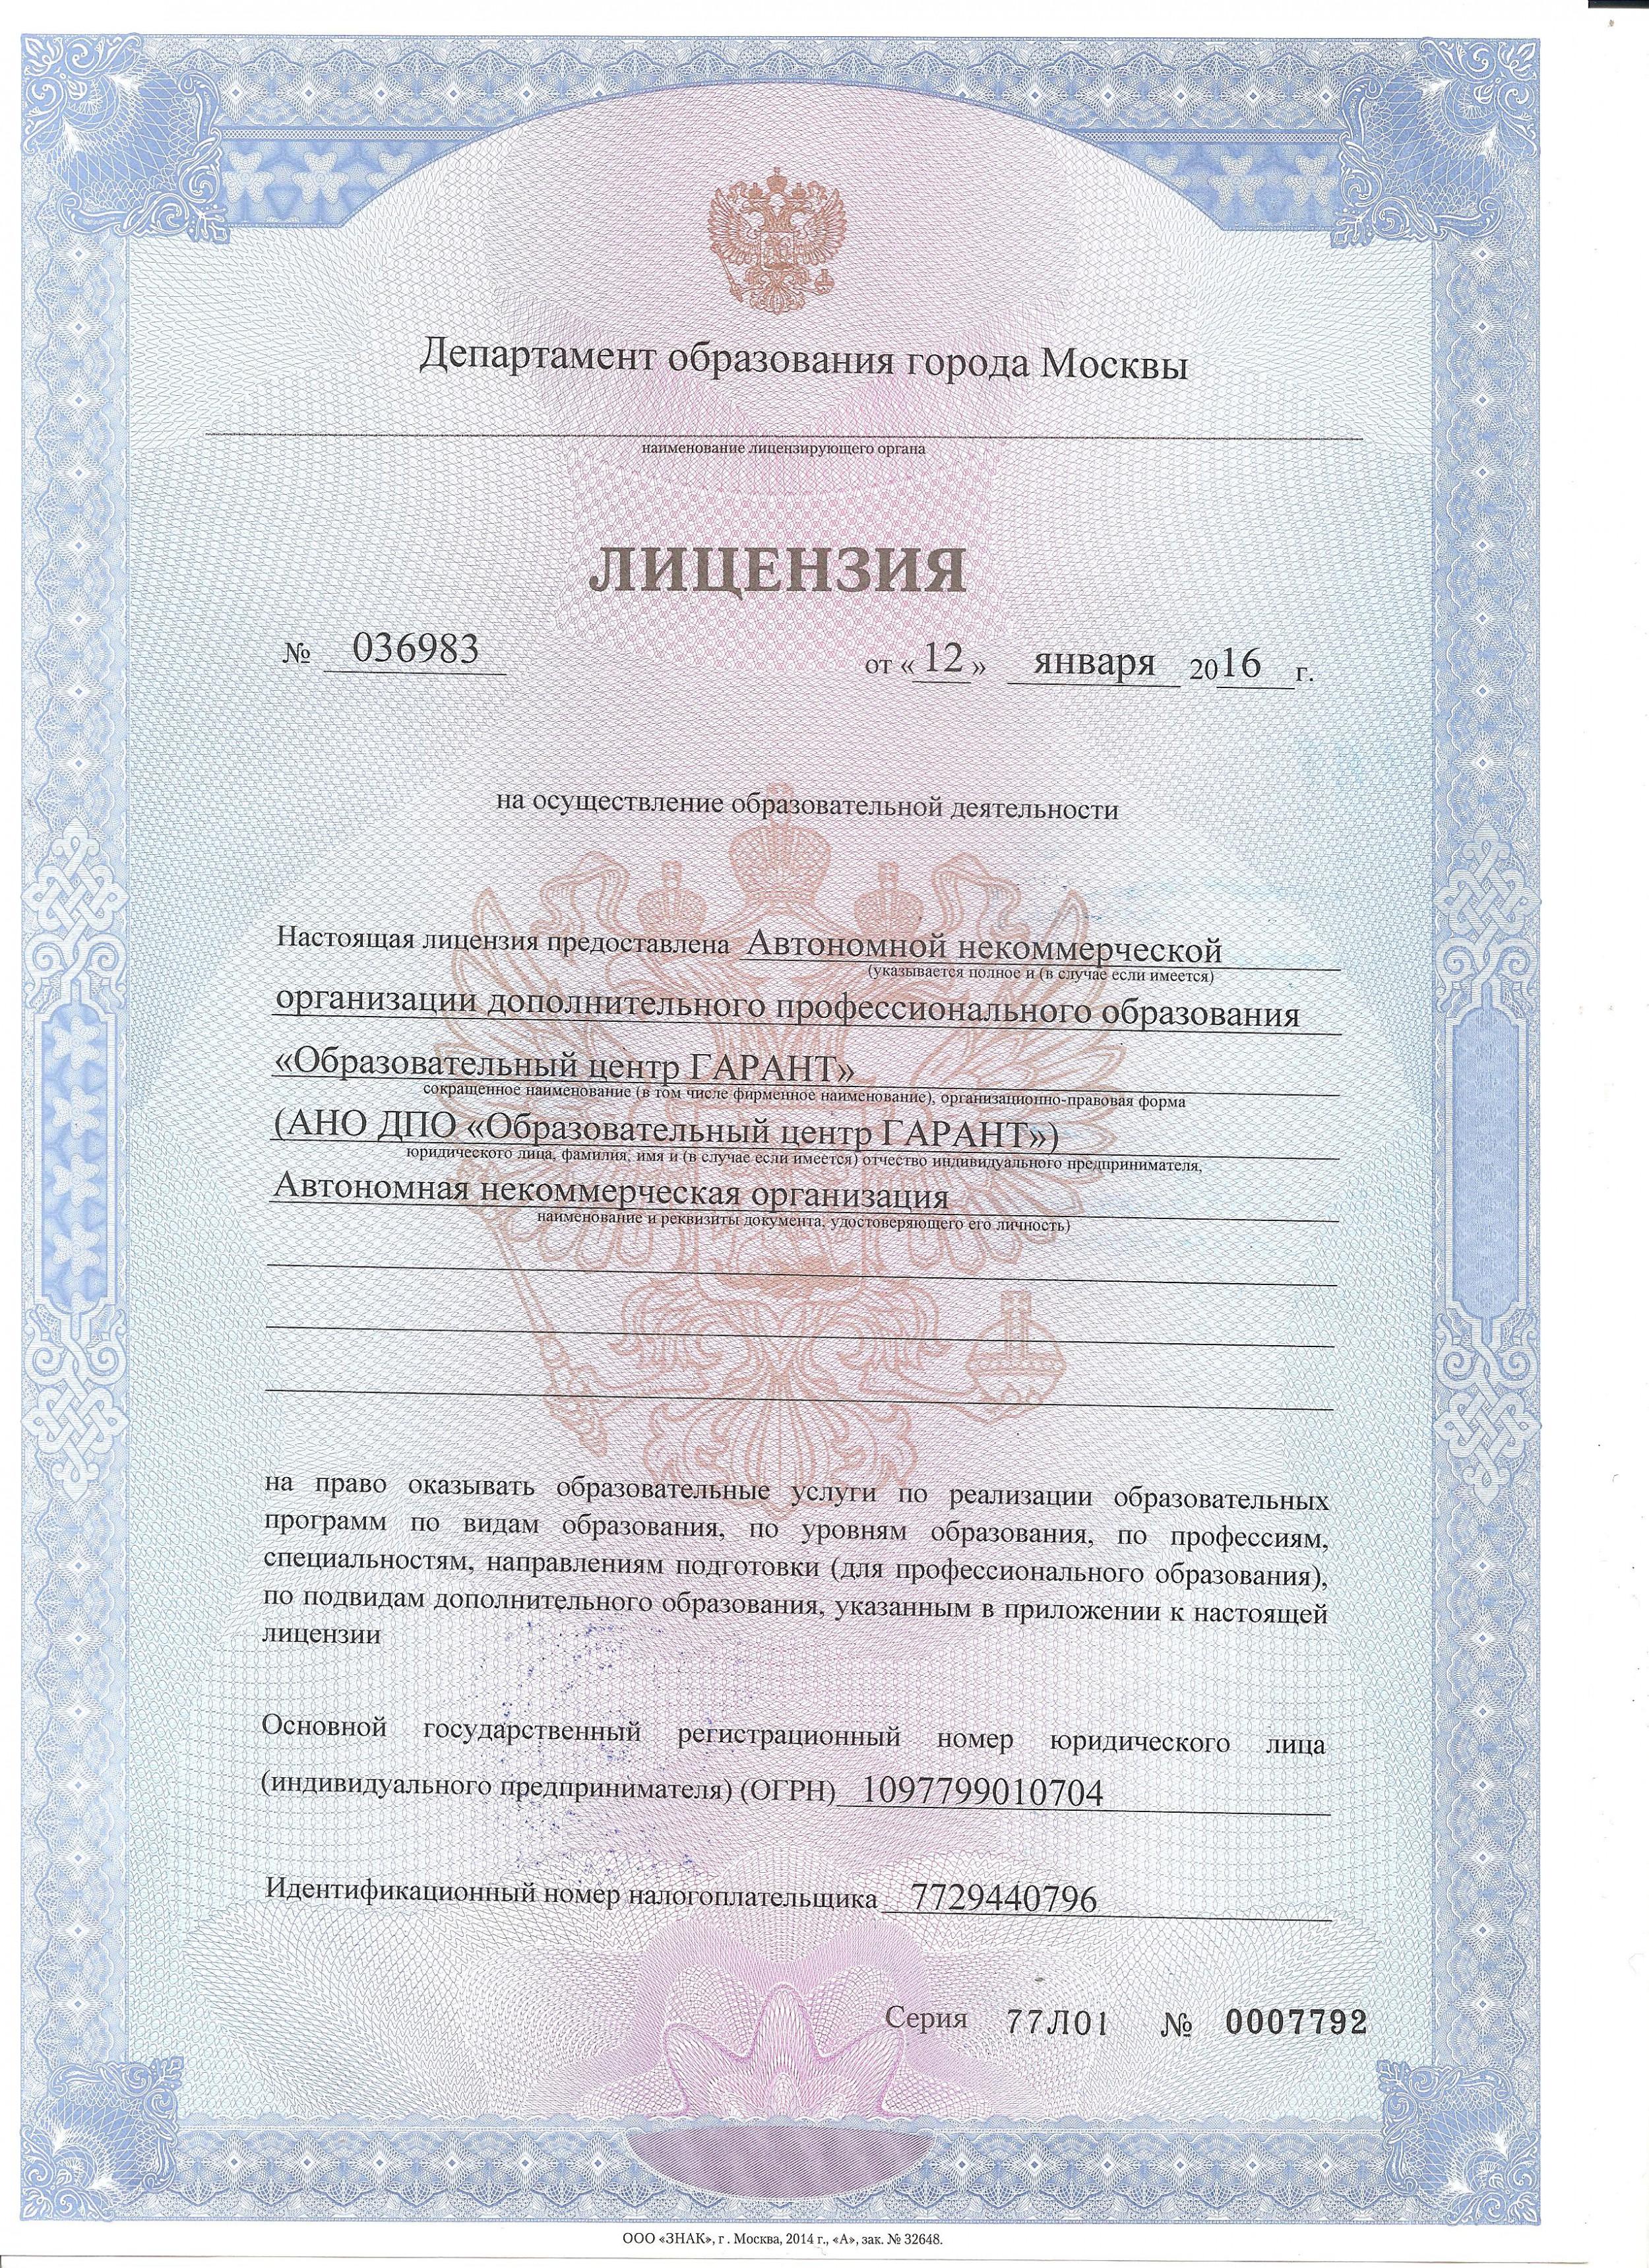 Лицензия на осуществление образовательной деятельности № 036983 от 12 января 2016 года.